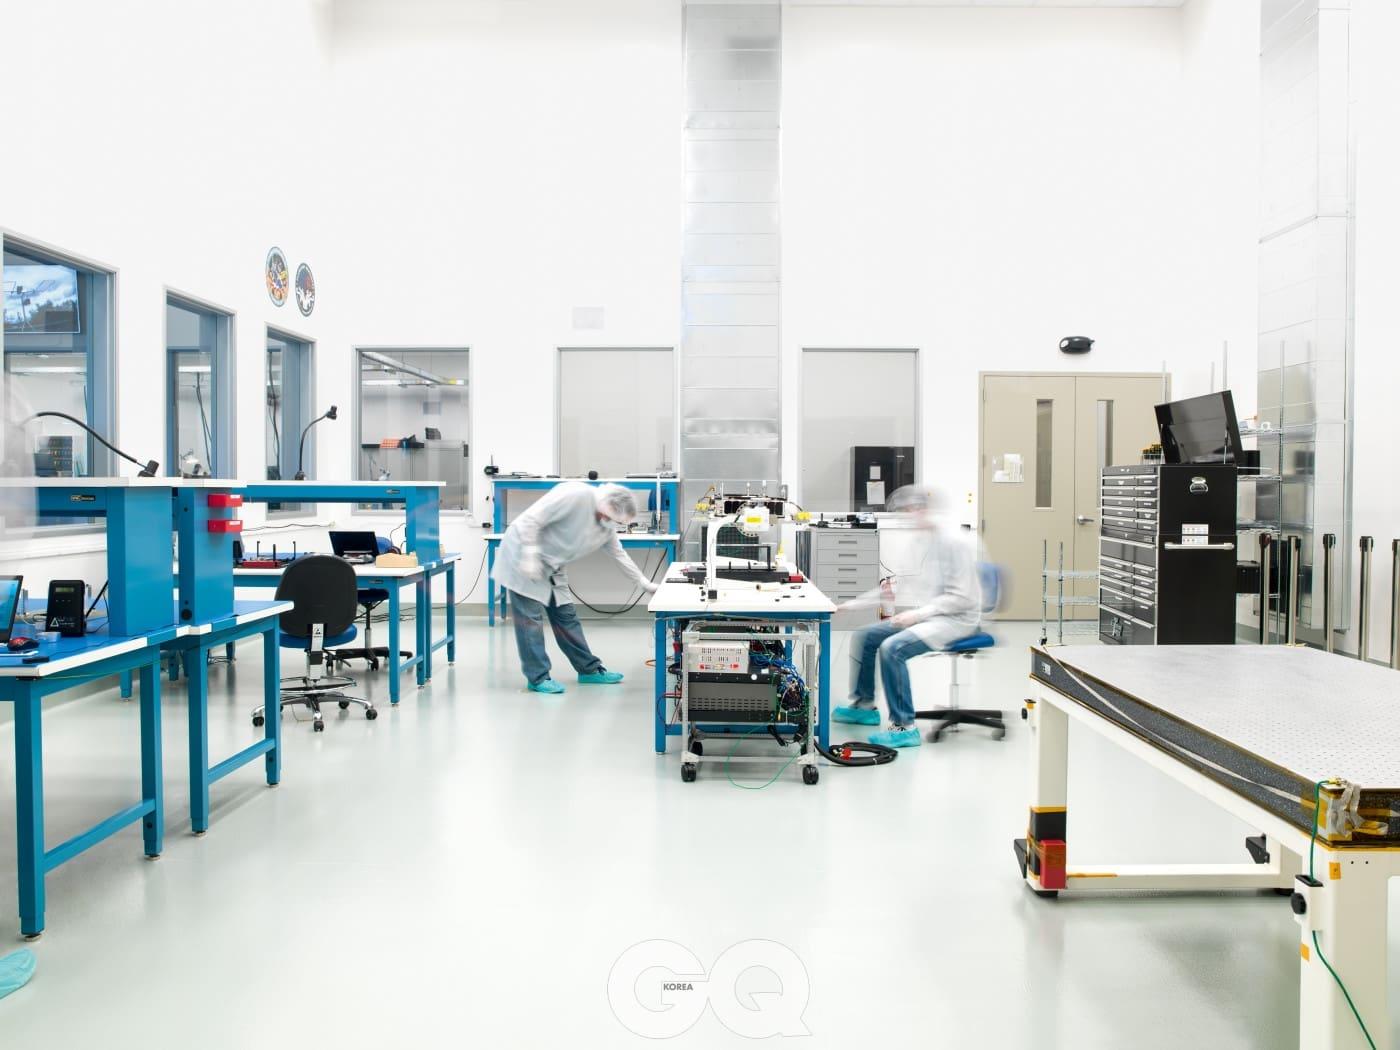 수석 기계 공학자인 피트 일슬리와 우주선 기계 공학자인 브렛 헤일이 플래니터리 리소시즈의 무균실 한 군데에서 아키드-6호 2기의 발사 전 점검 과정을 시행하고 있다.